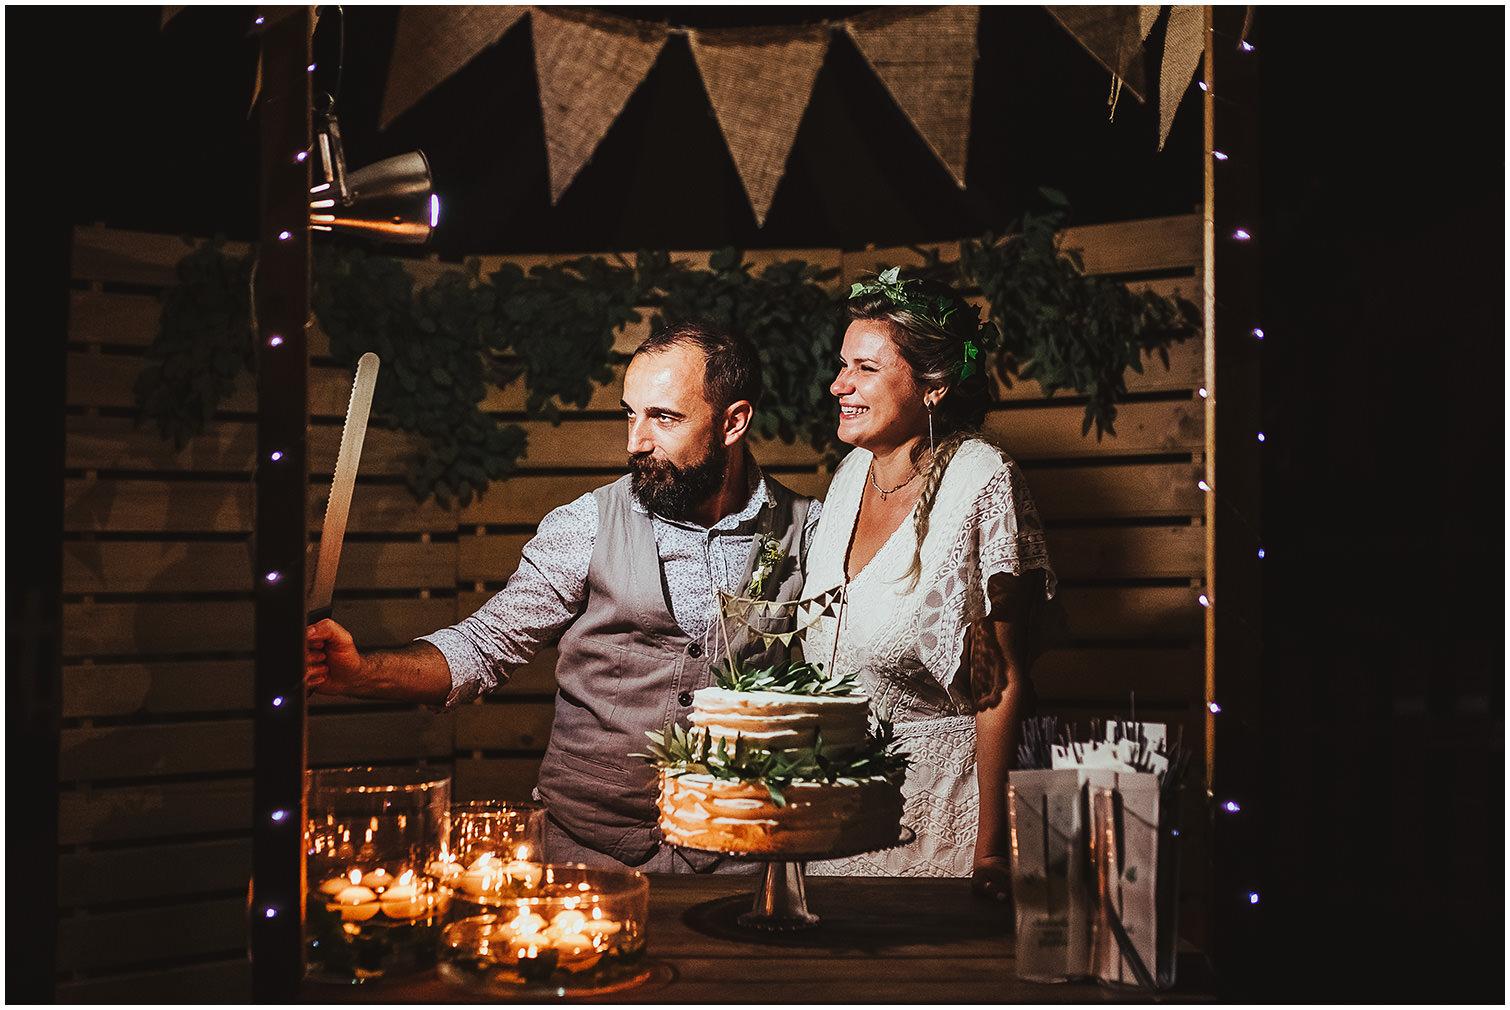 CLARA-RICCARDO-MATRIMONIO-CIRCO-VOLAVOILA-ROMA-SARA-LORENZONI-WEDDING-PHOTOGRAPHY-090